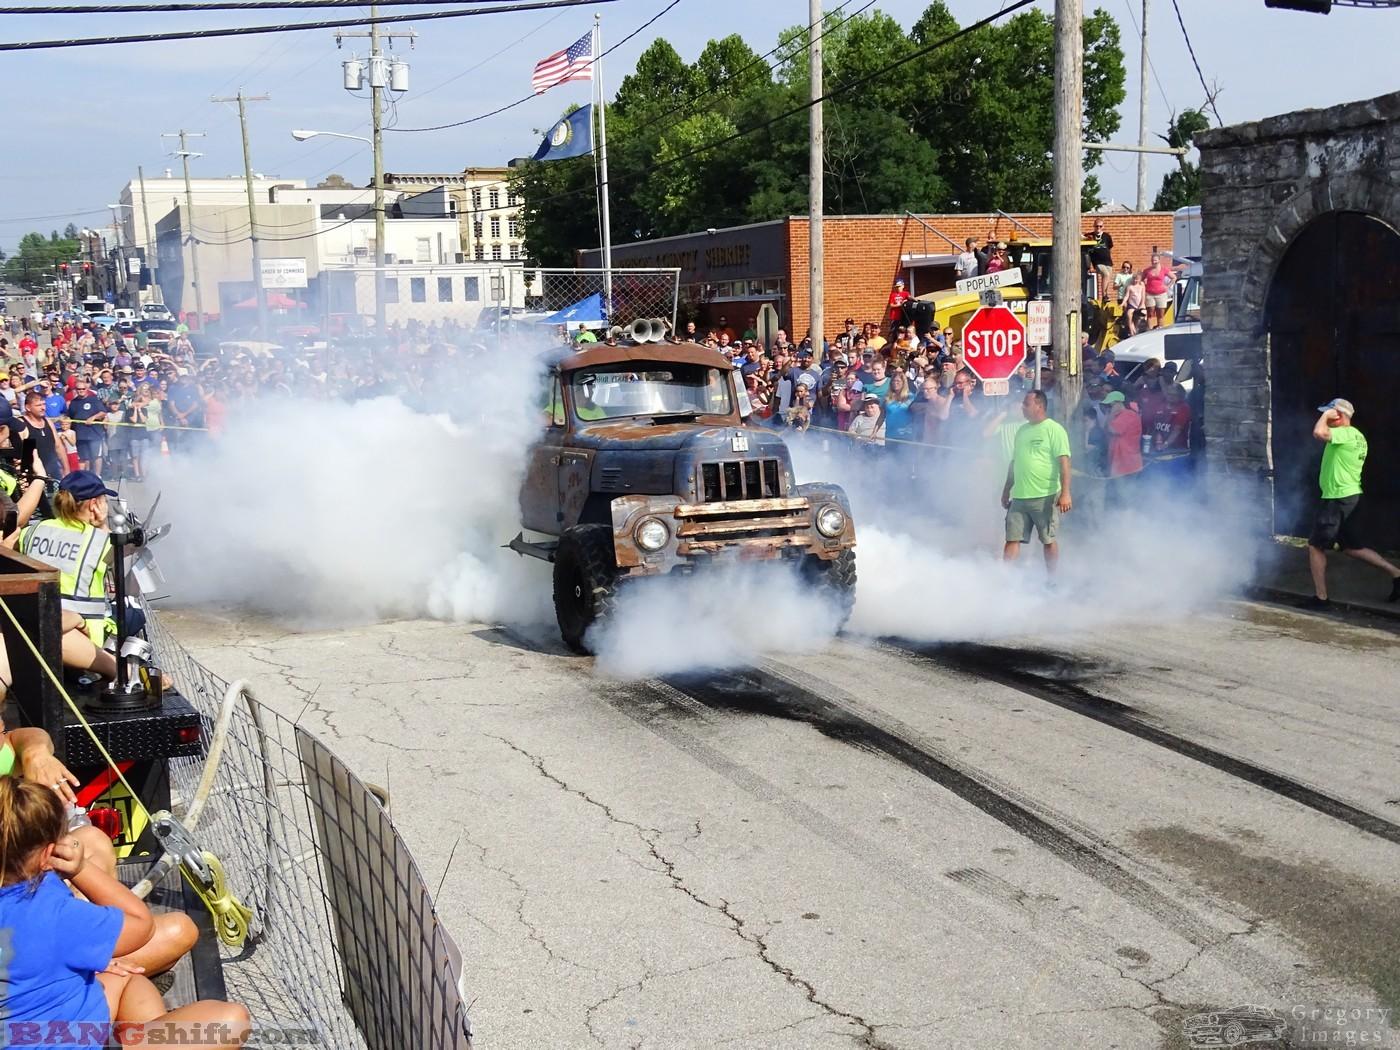 2018 Cynthiana Rod Run Burnout Contest Action Photos: Tire Smoking Fun in Kentucky!